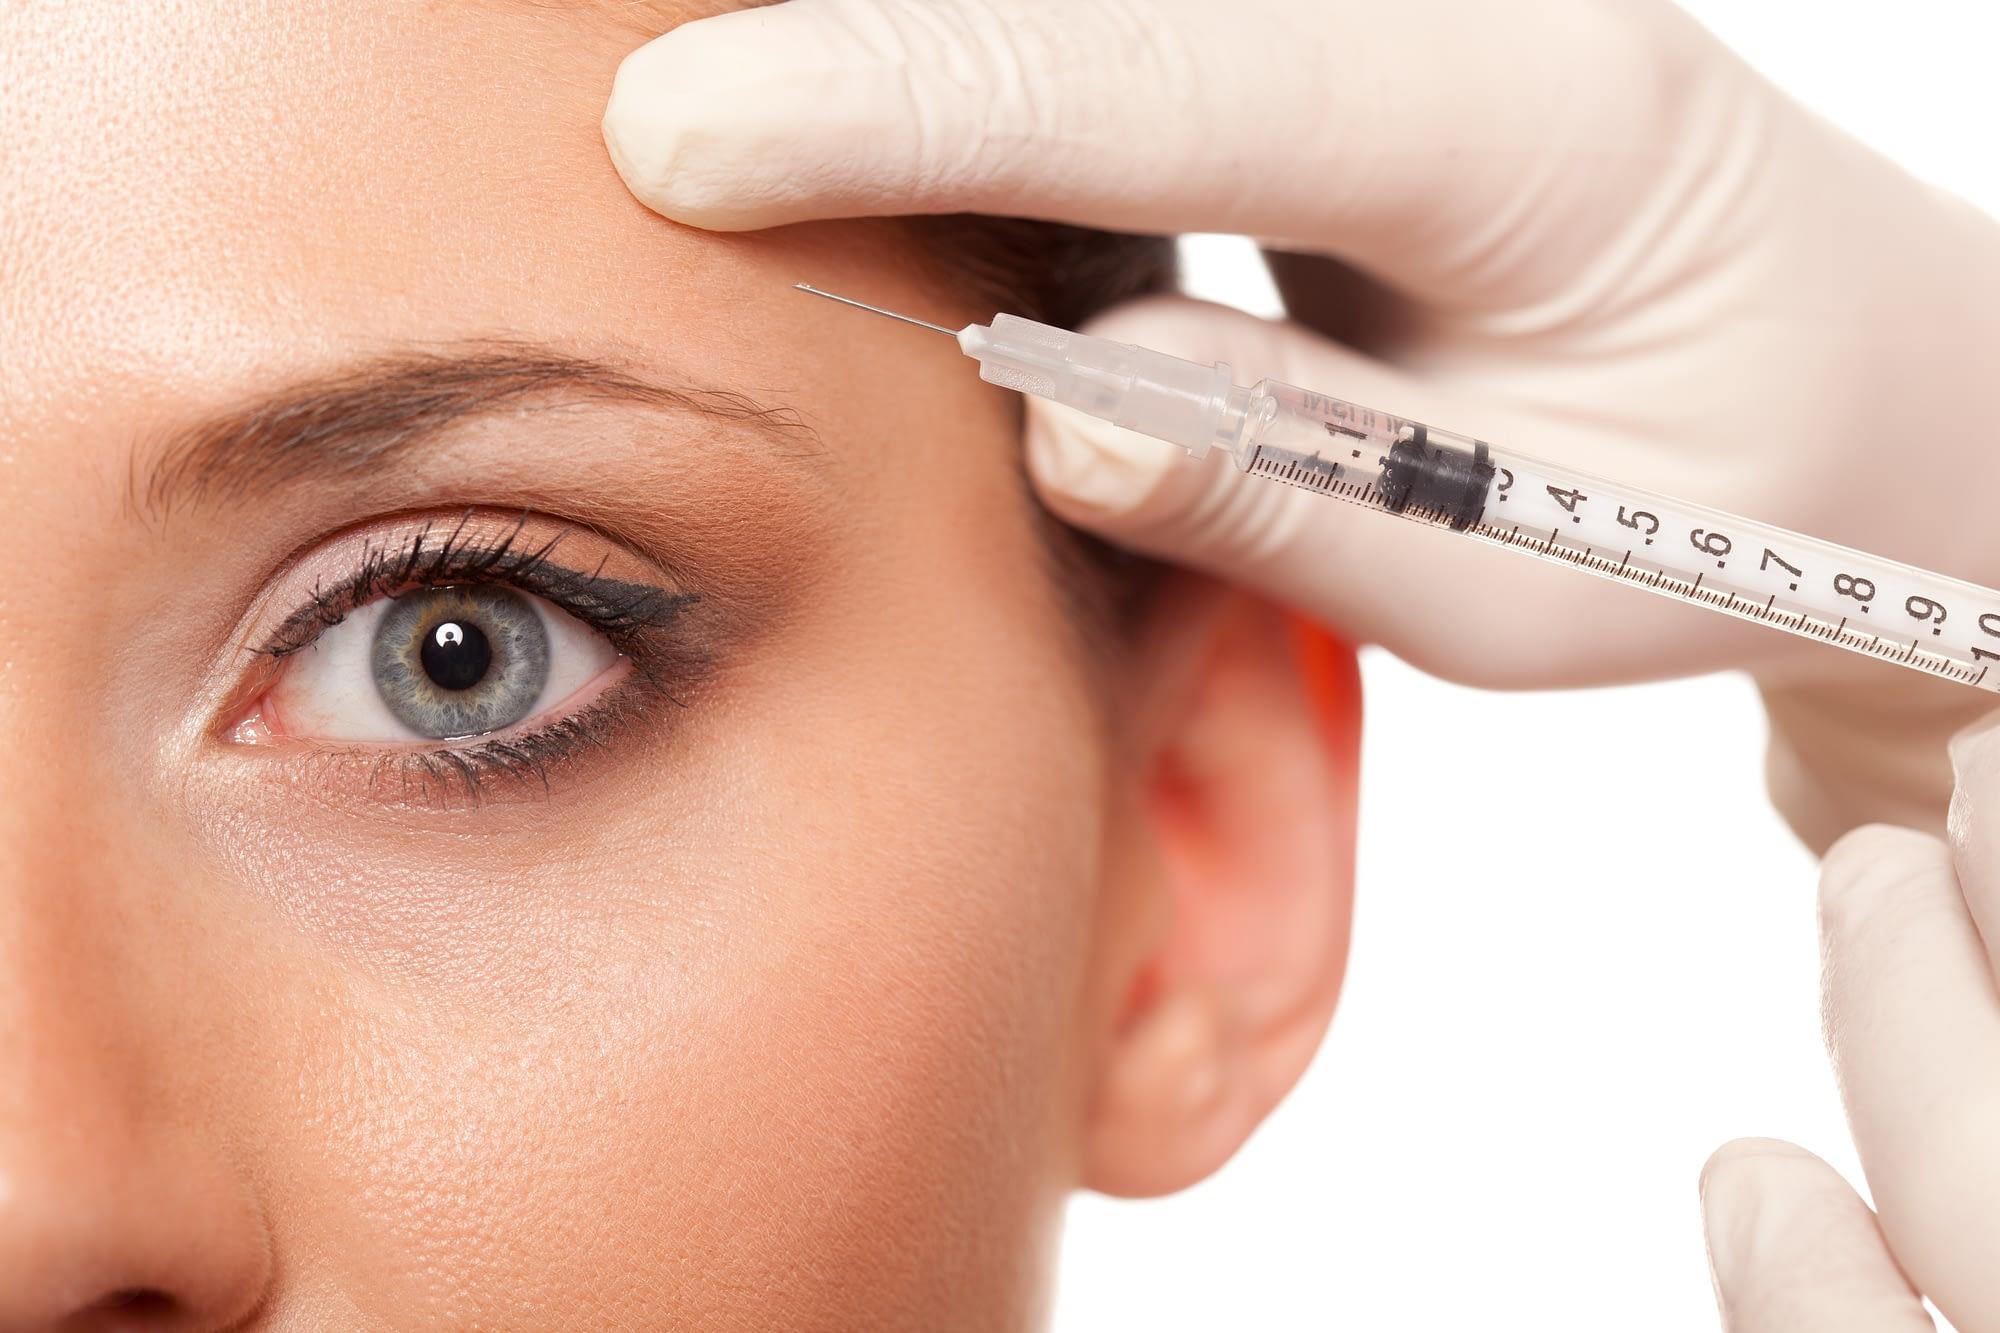 facelilft vs botox